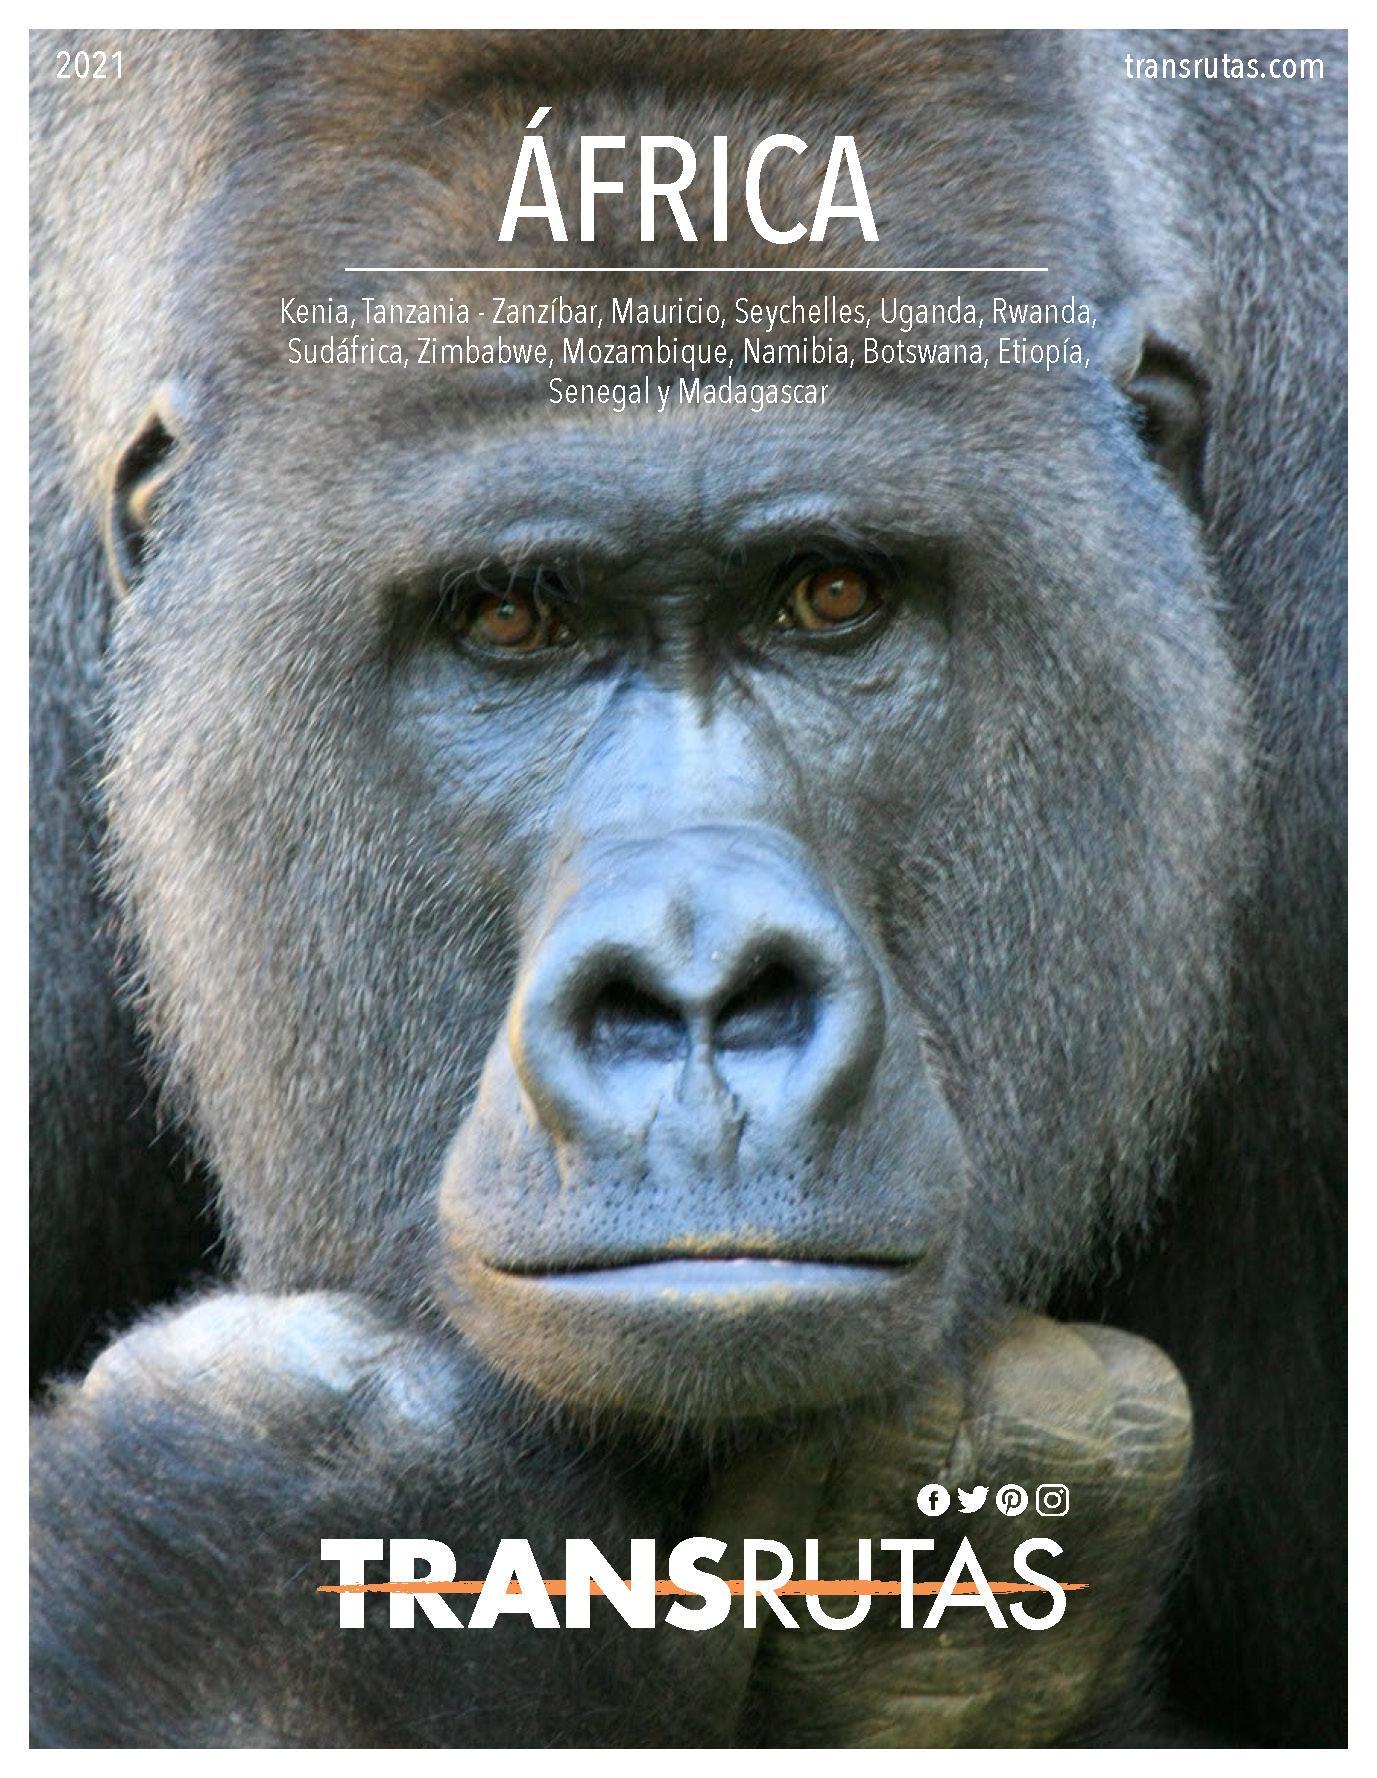 Catalogo Transrutas Africa 2021